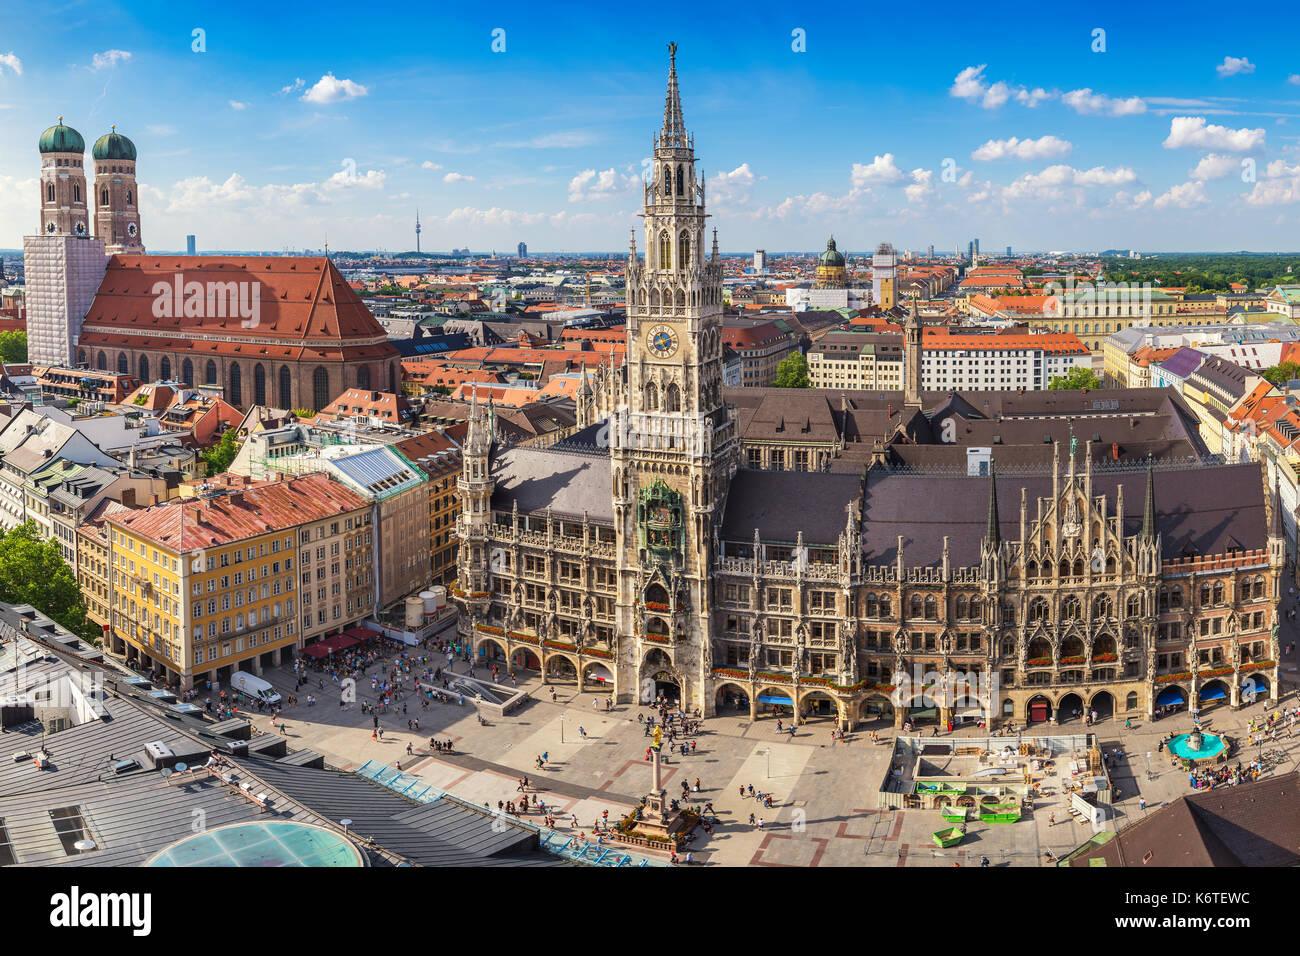 Munich city skyline at Marienplatz new town hall, Munich, Germany - Stock Image